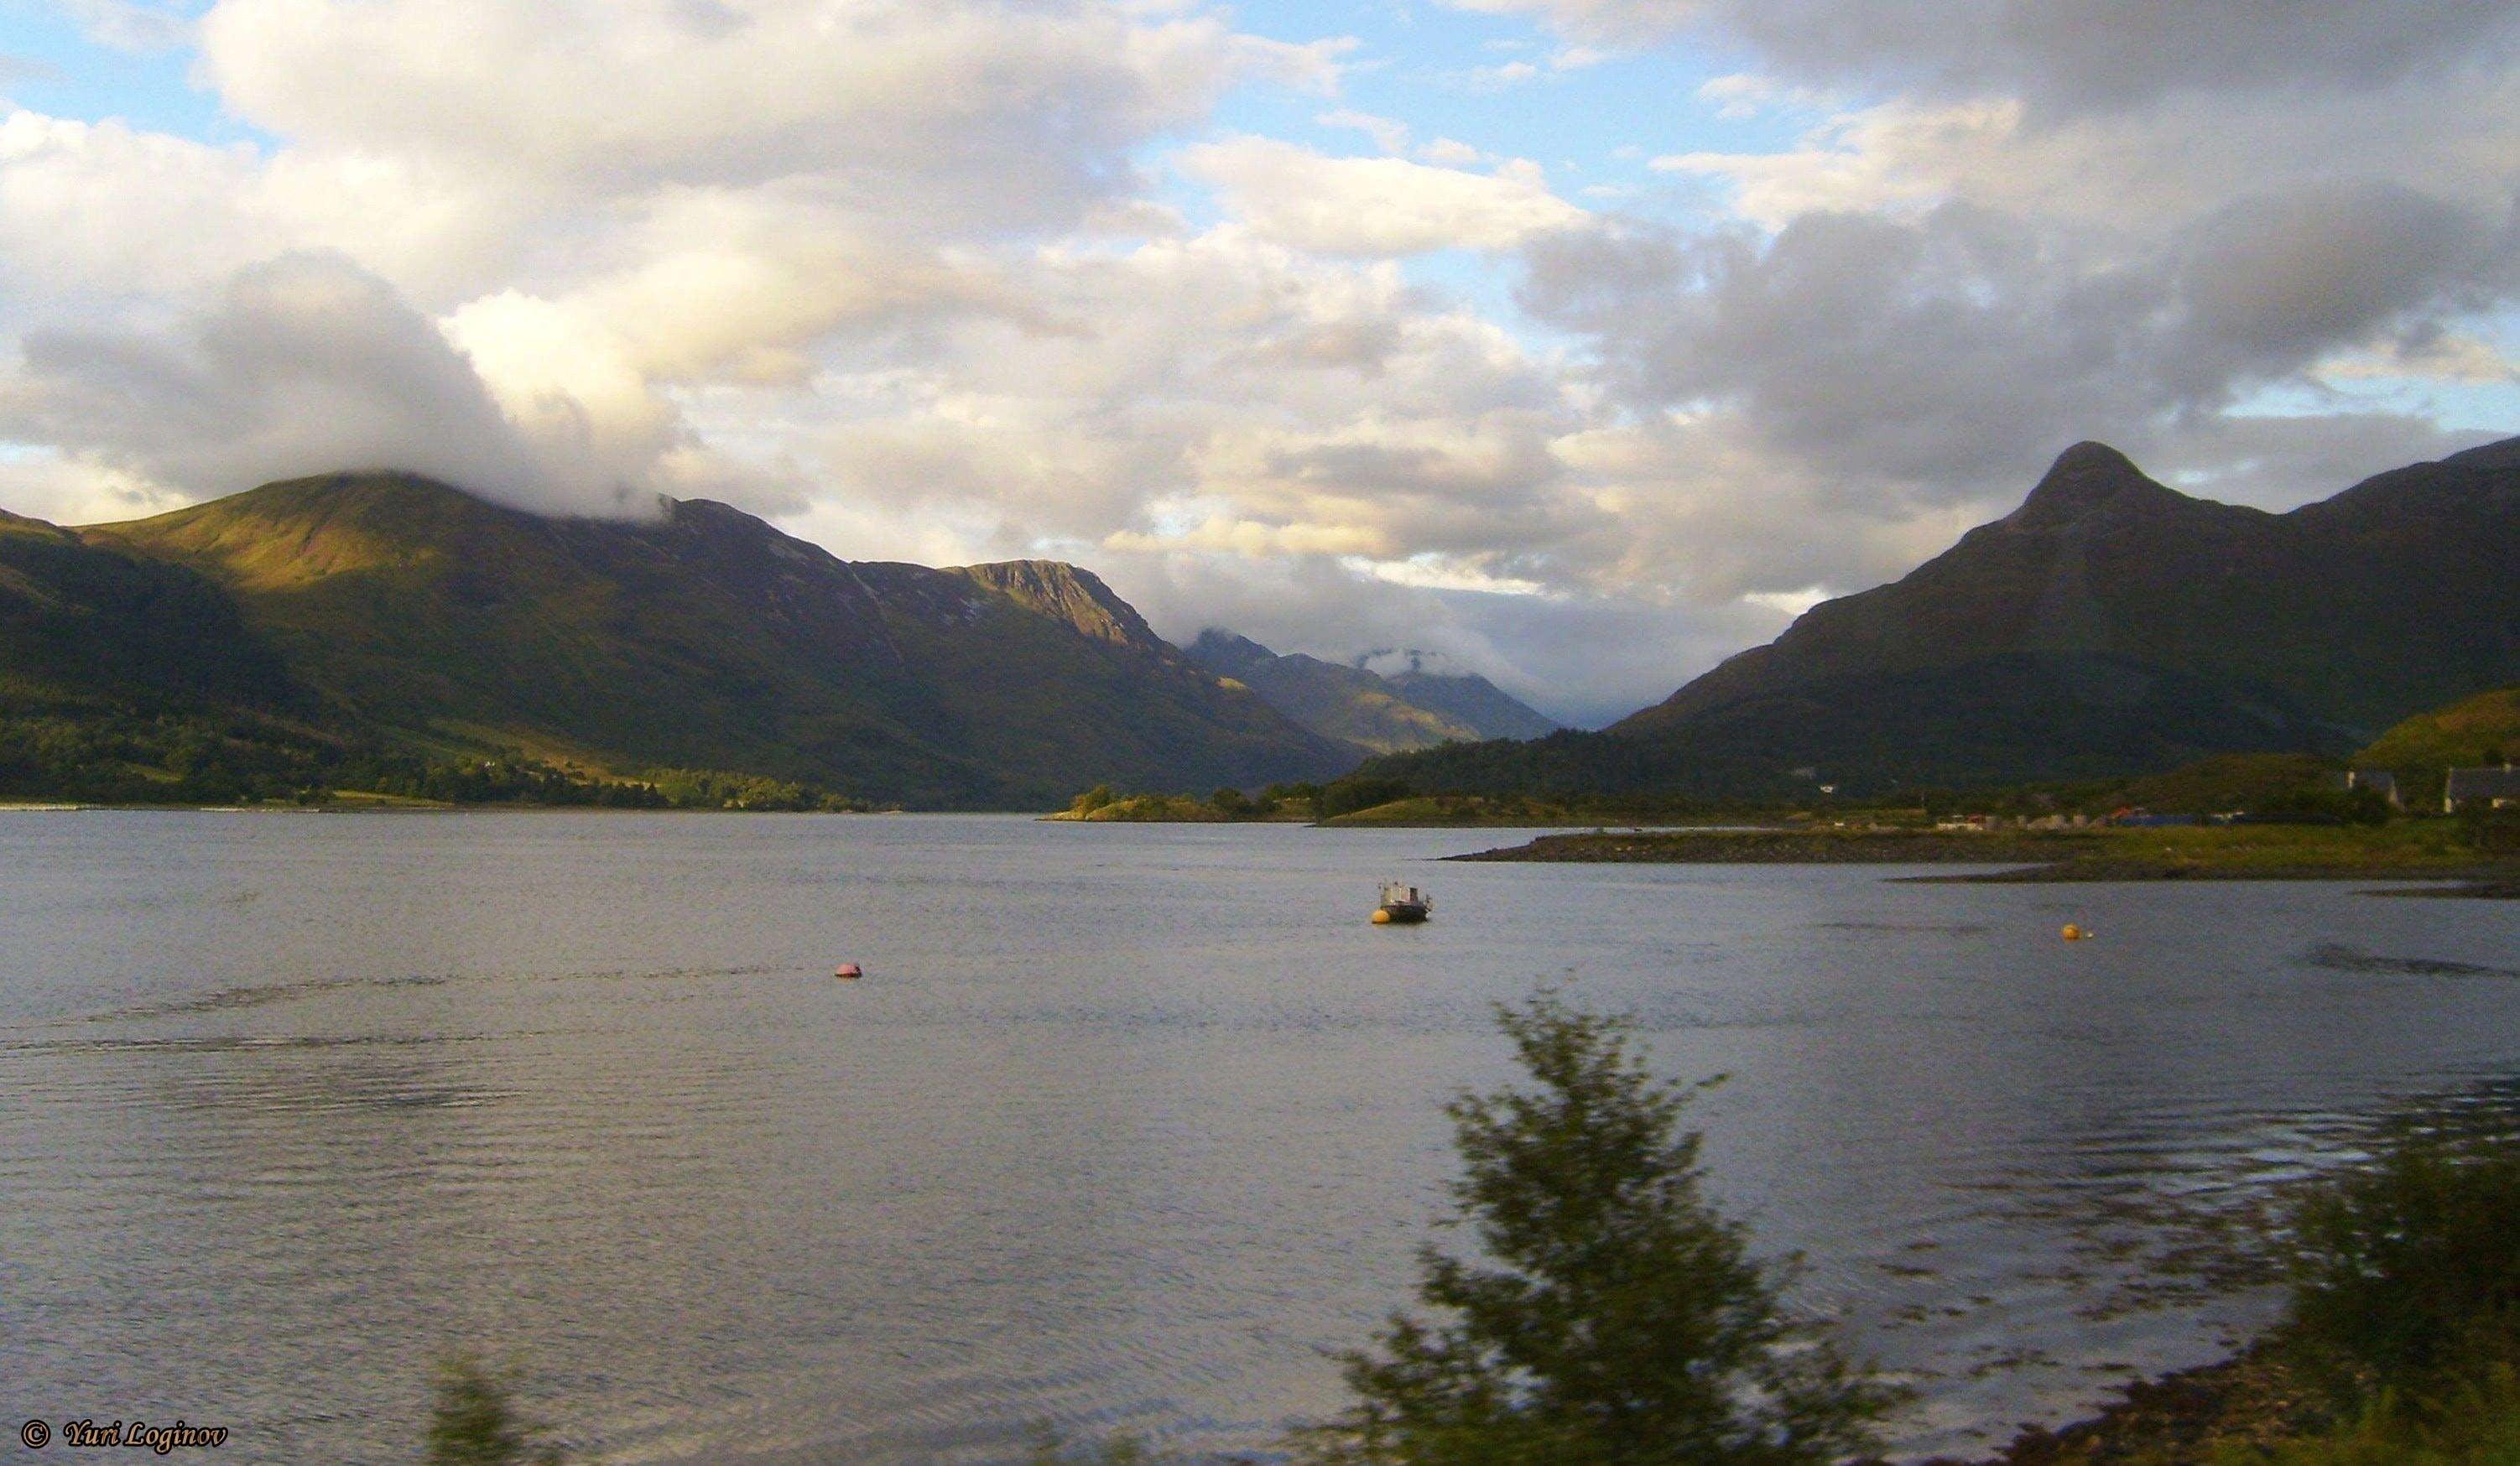 Free stock photo of scotland, united kingdom, Grampian Mountains, Ben Lomond